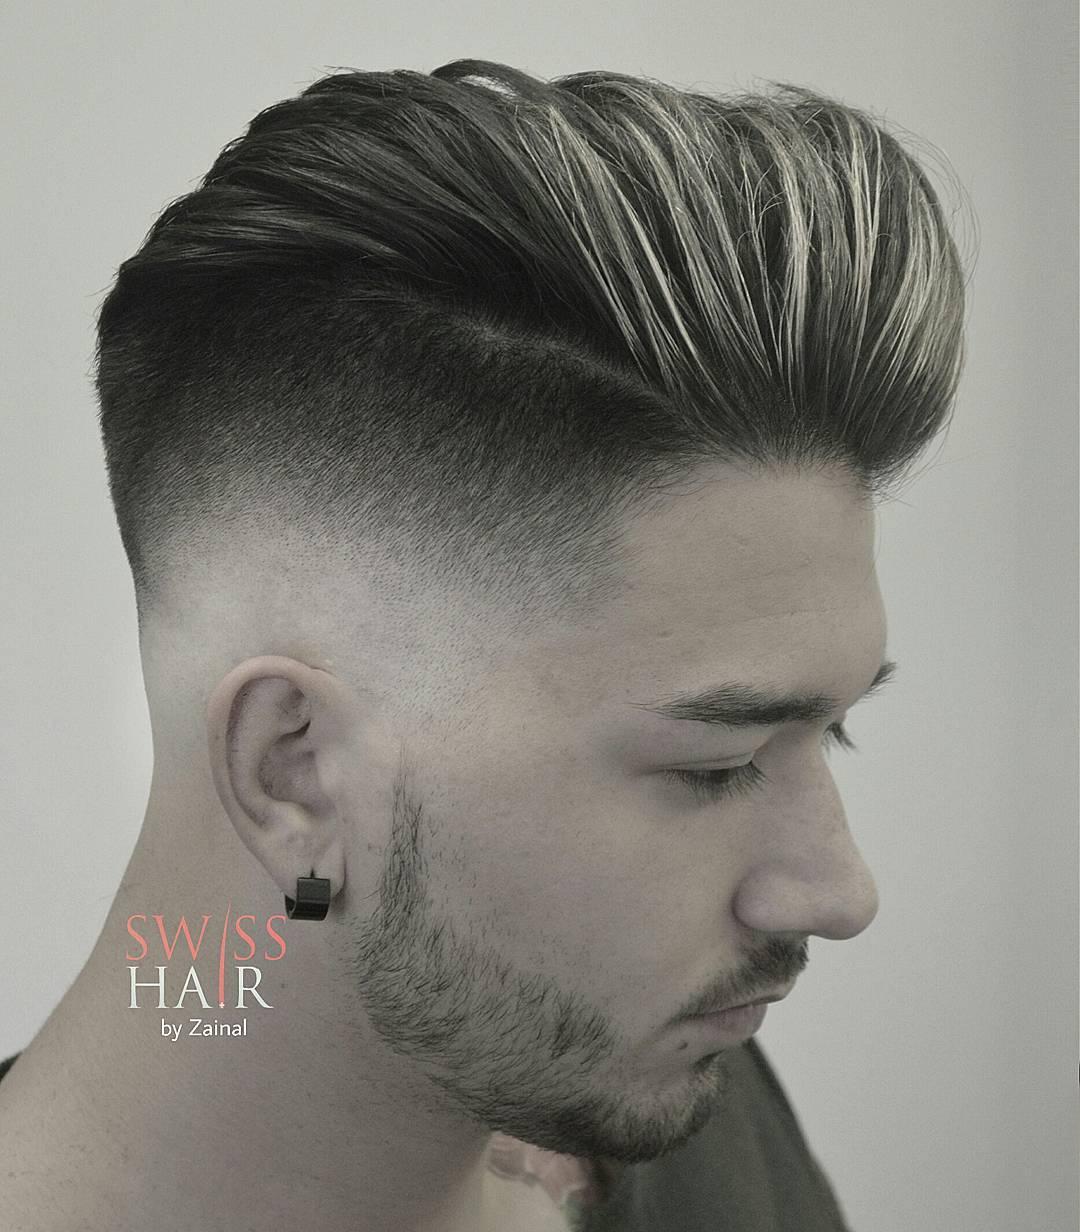 swisshairbyzainal skin fade mens haircut